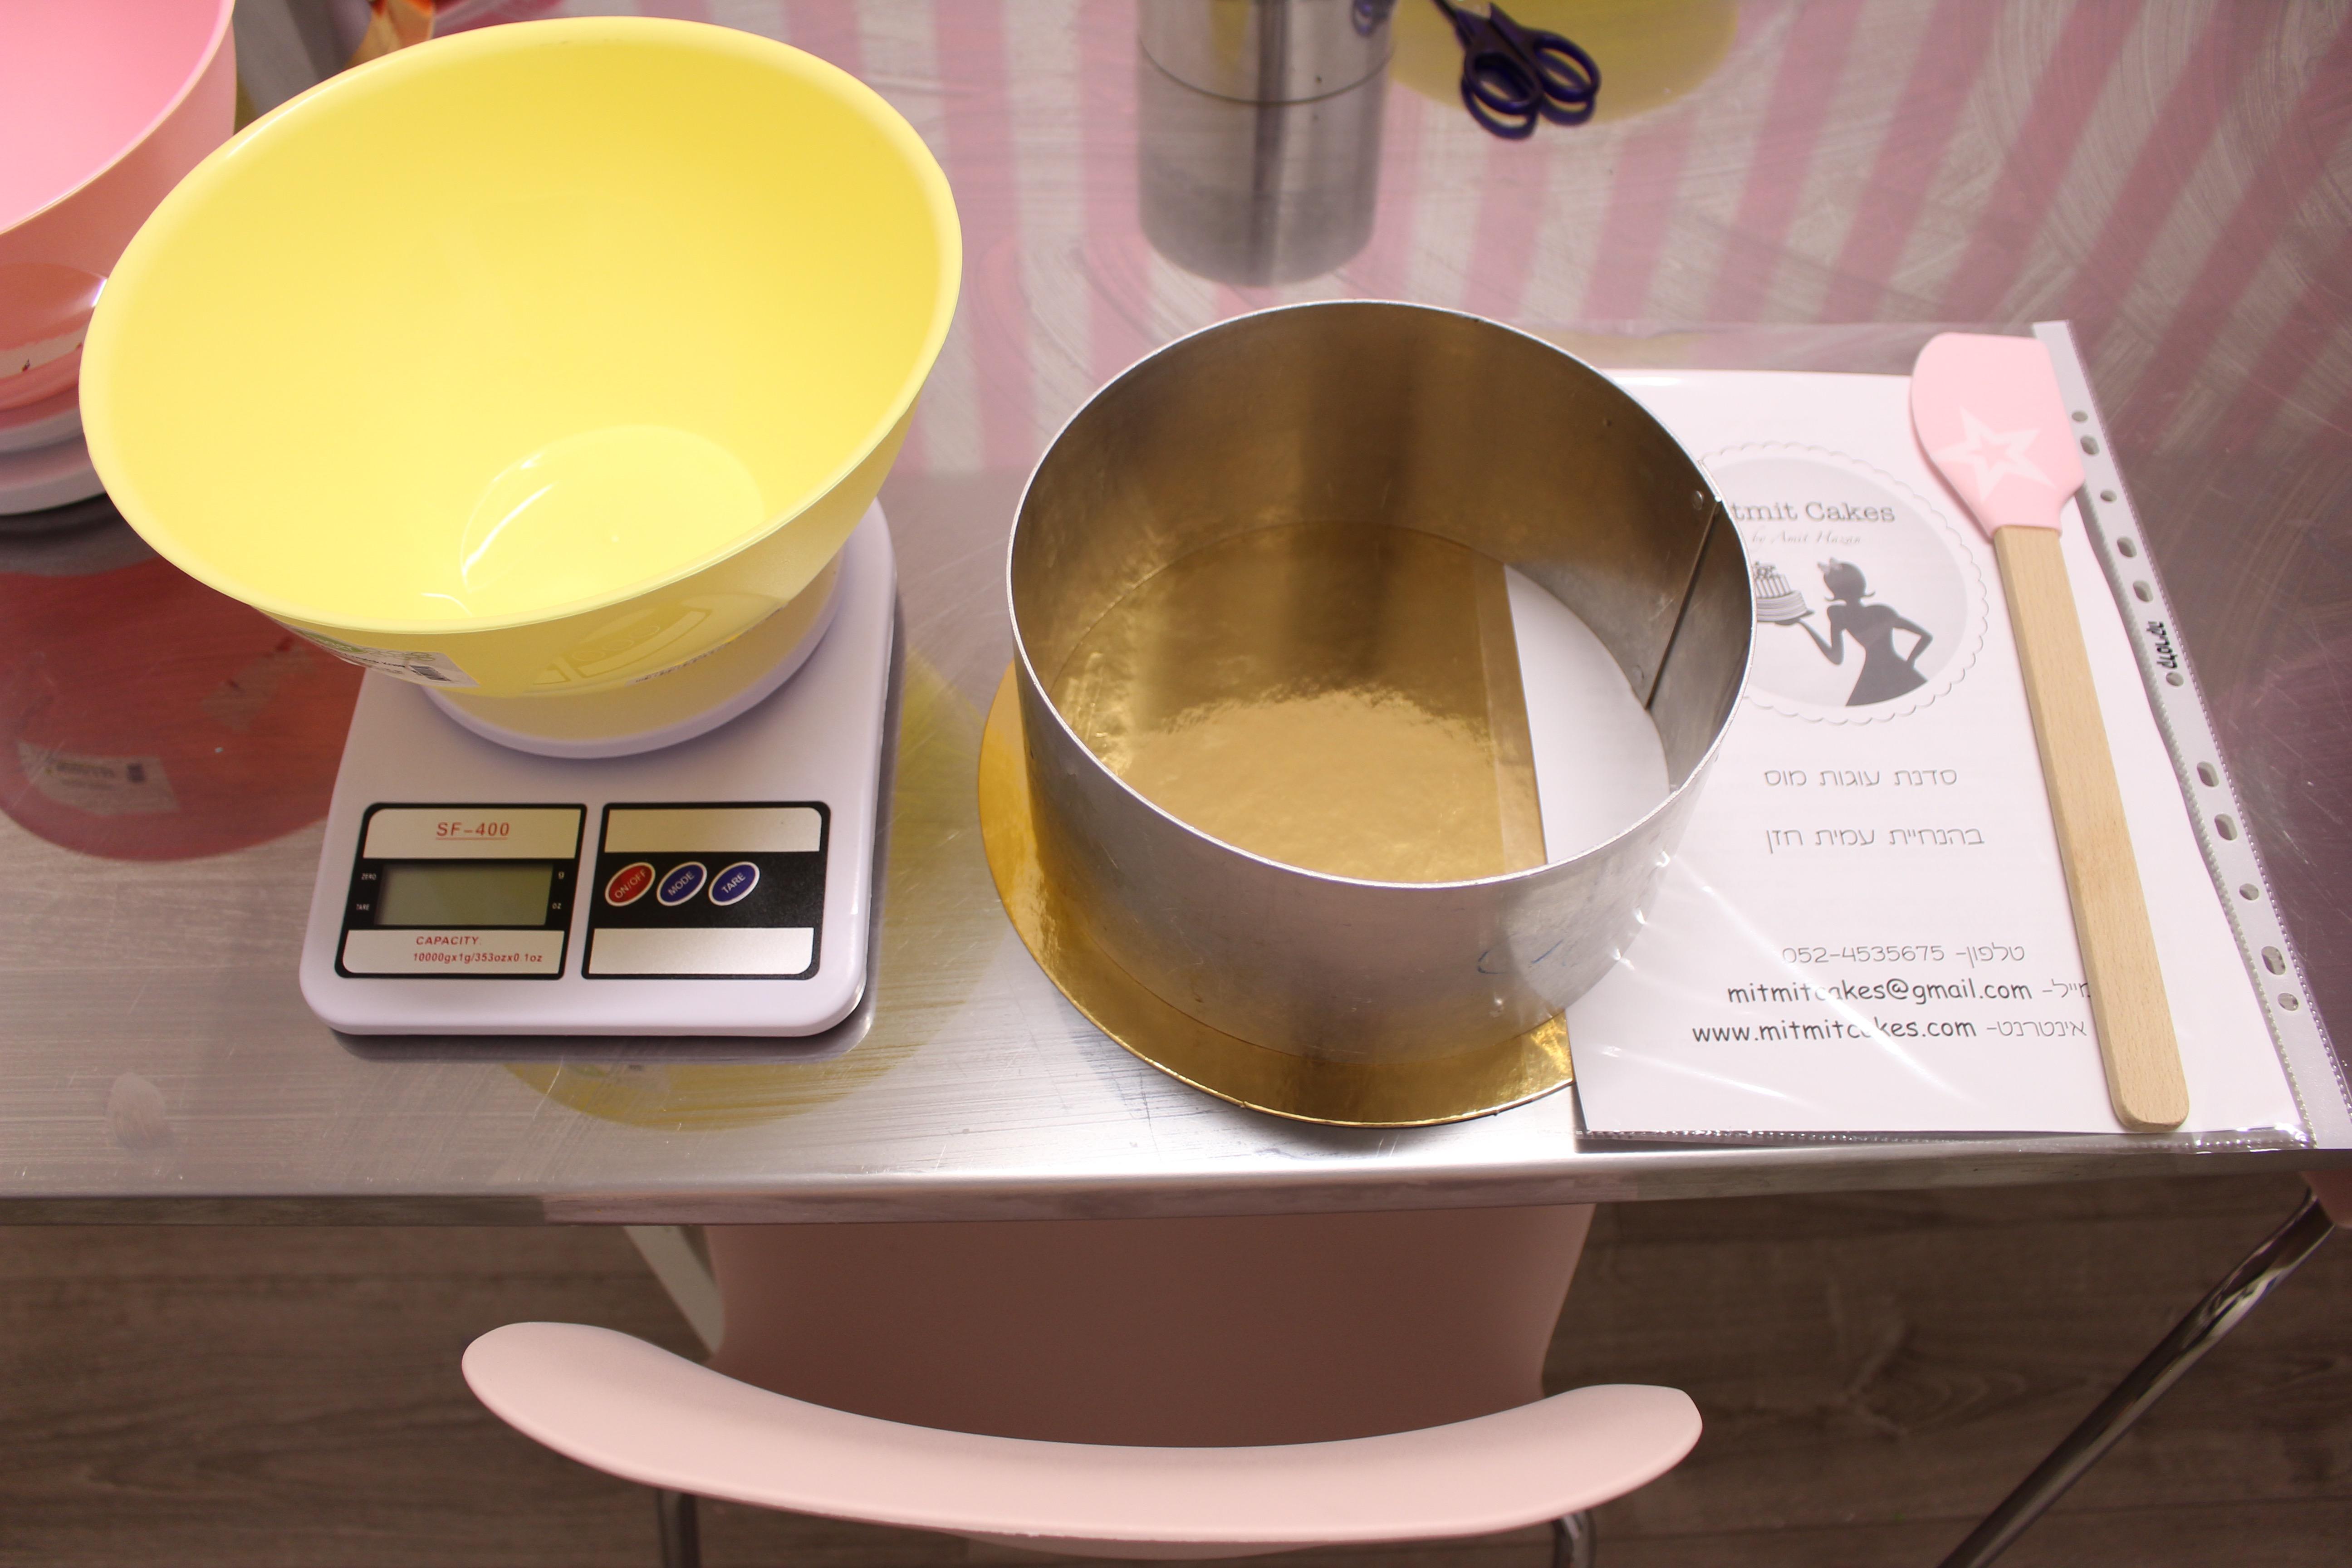 סדנה להכנת עוגות מוס